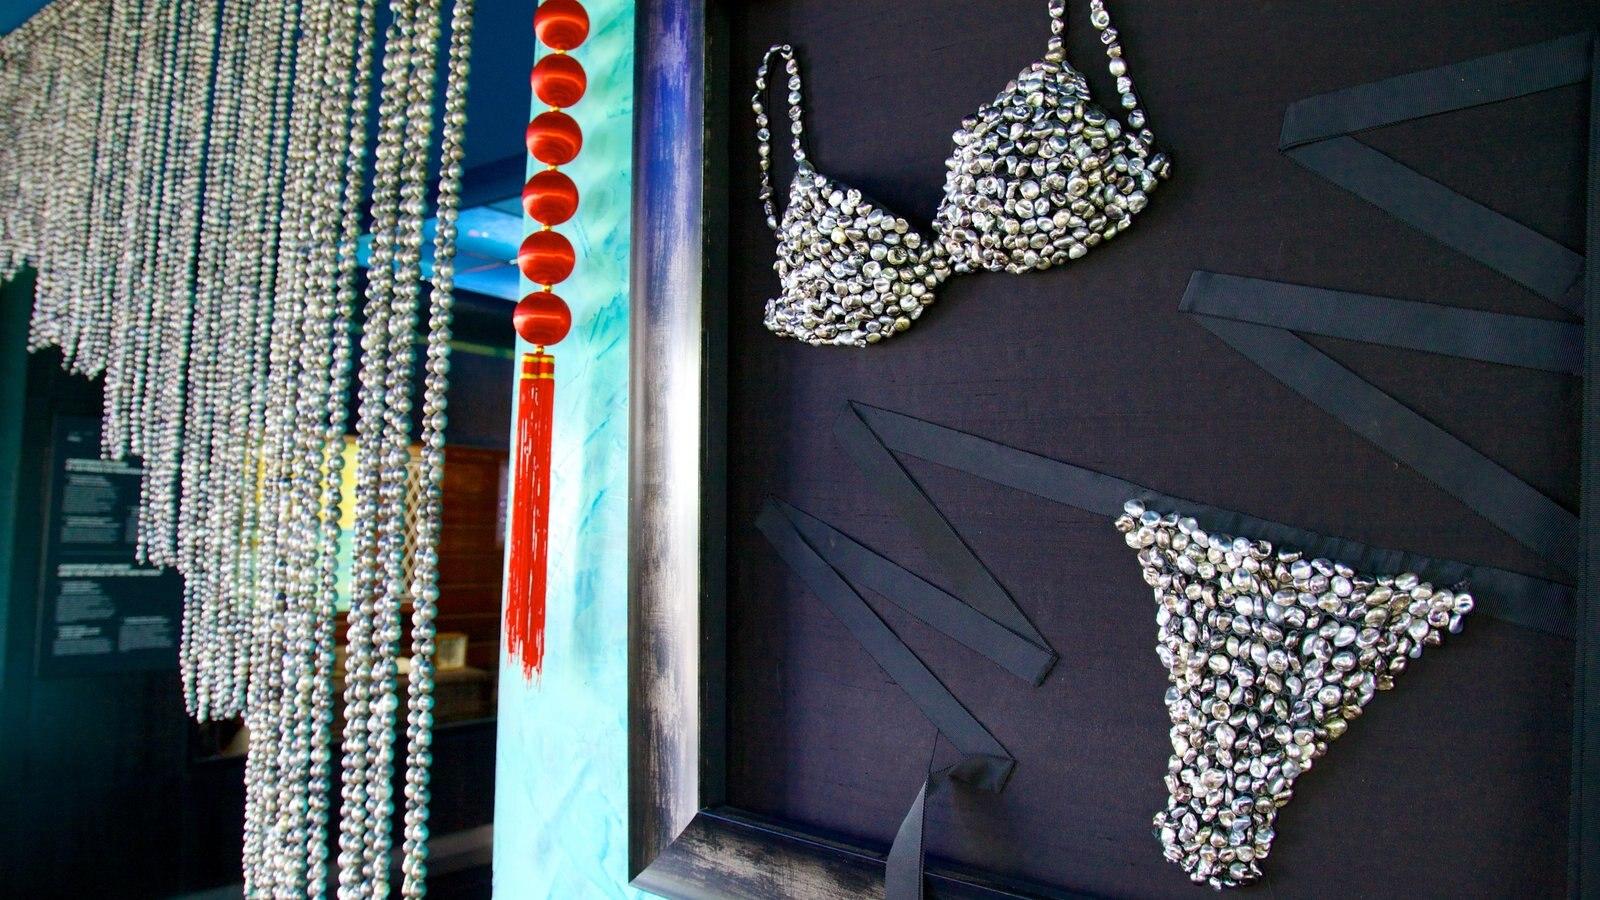 Musée de la Perle caracterizando arte e moda